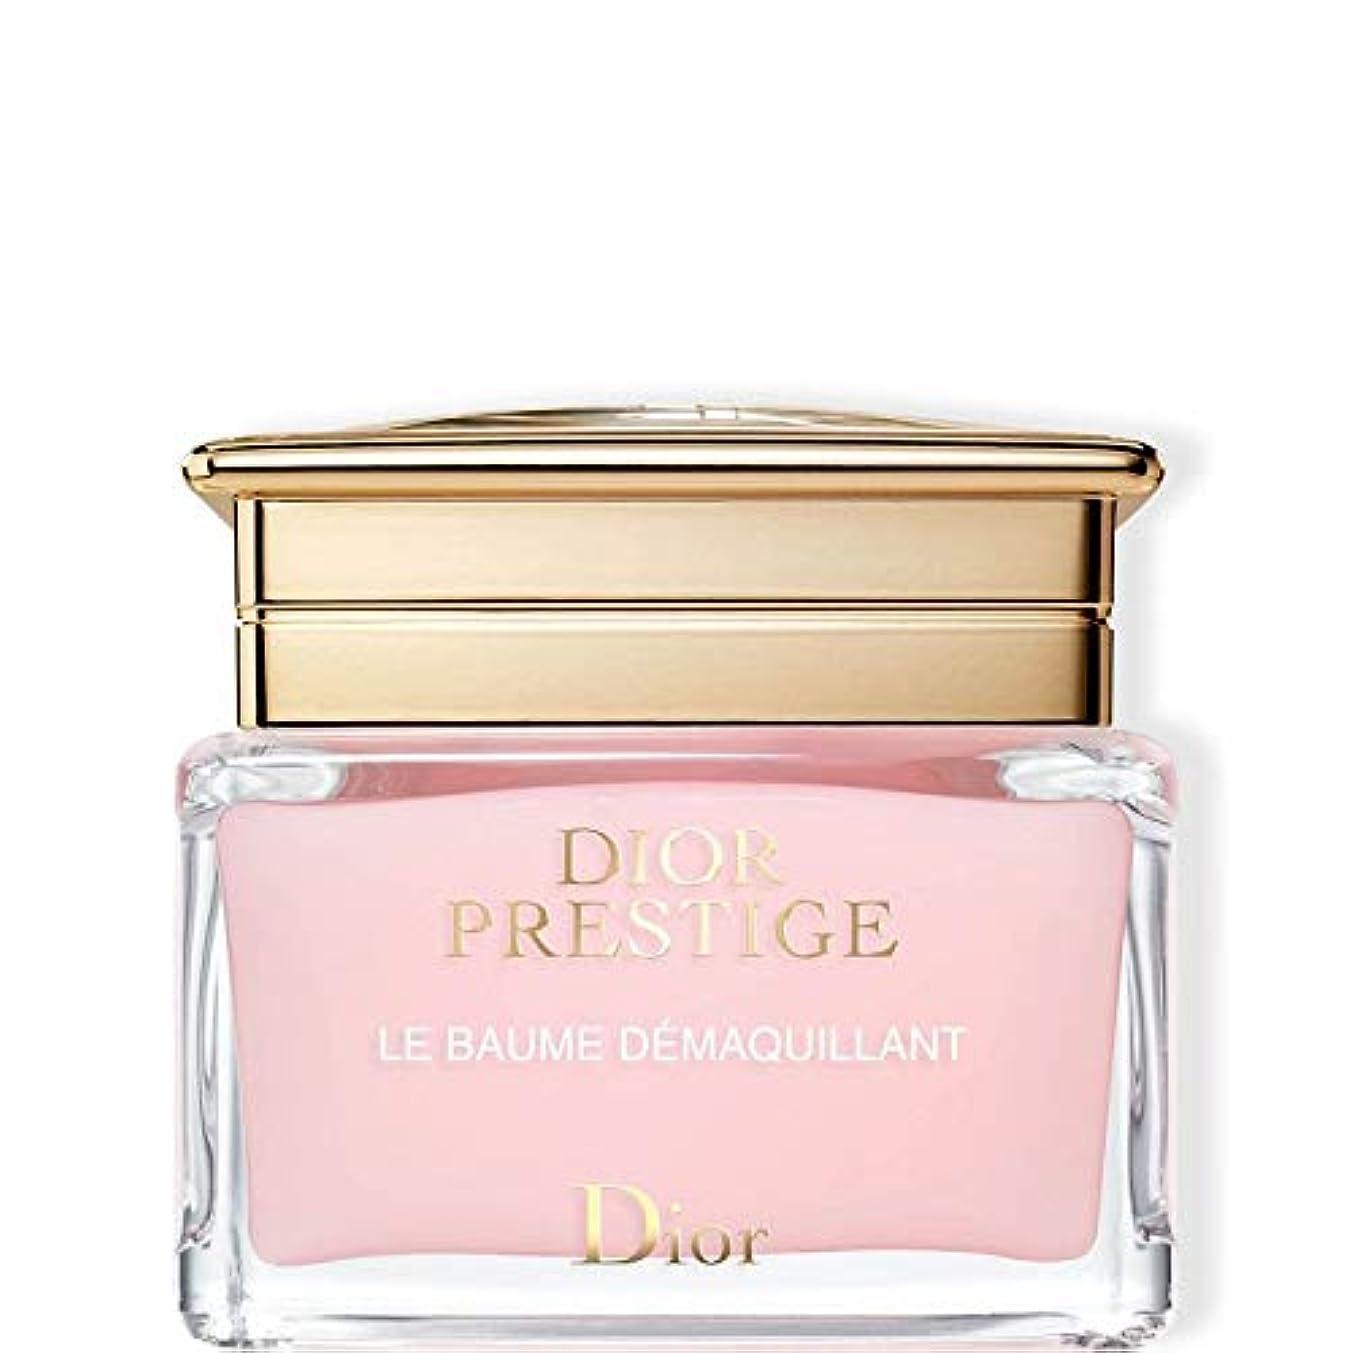 拒否パシフィック胆嚢Dior(ディオール) プレステージ ル バーム デマキャント 150mL